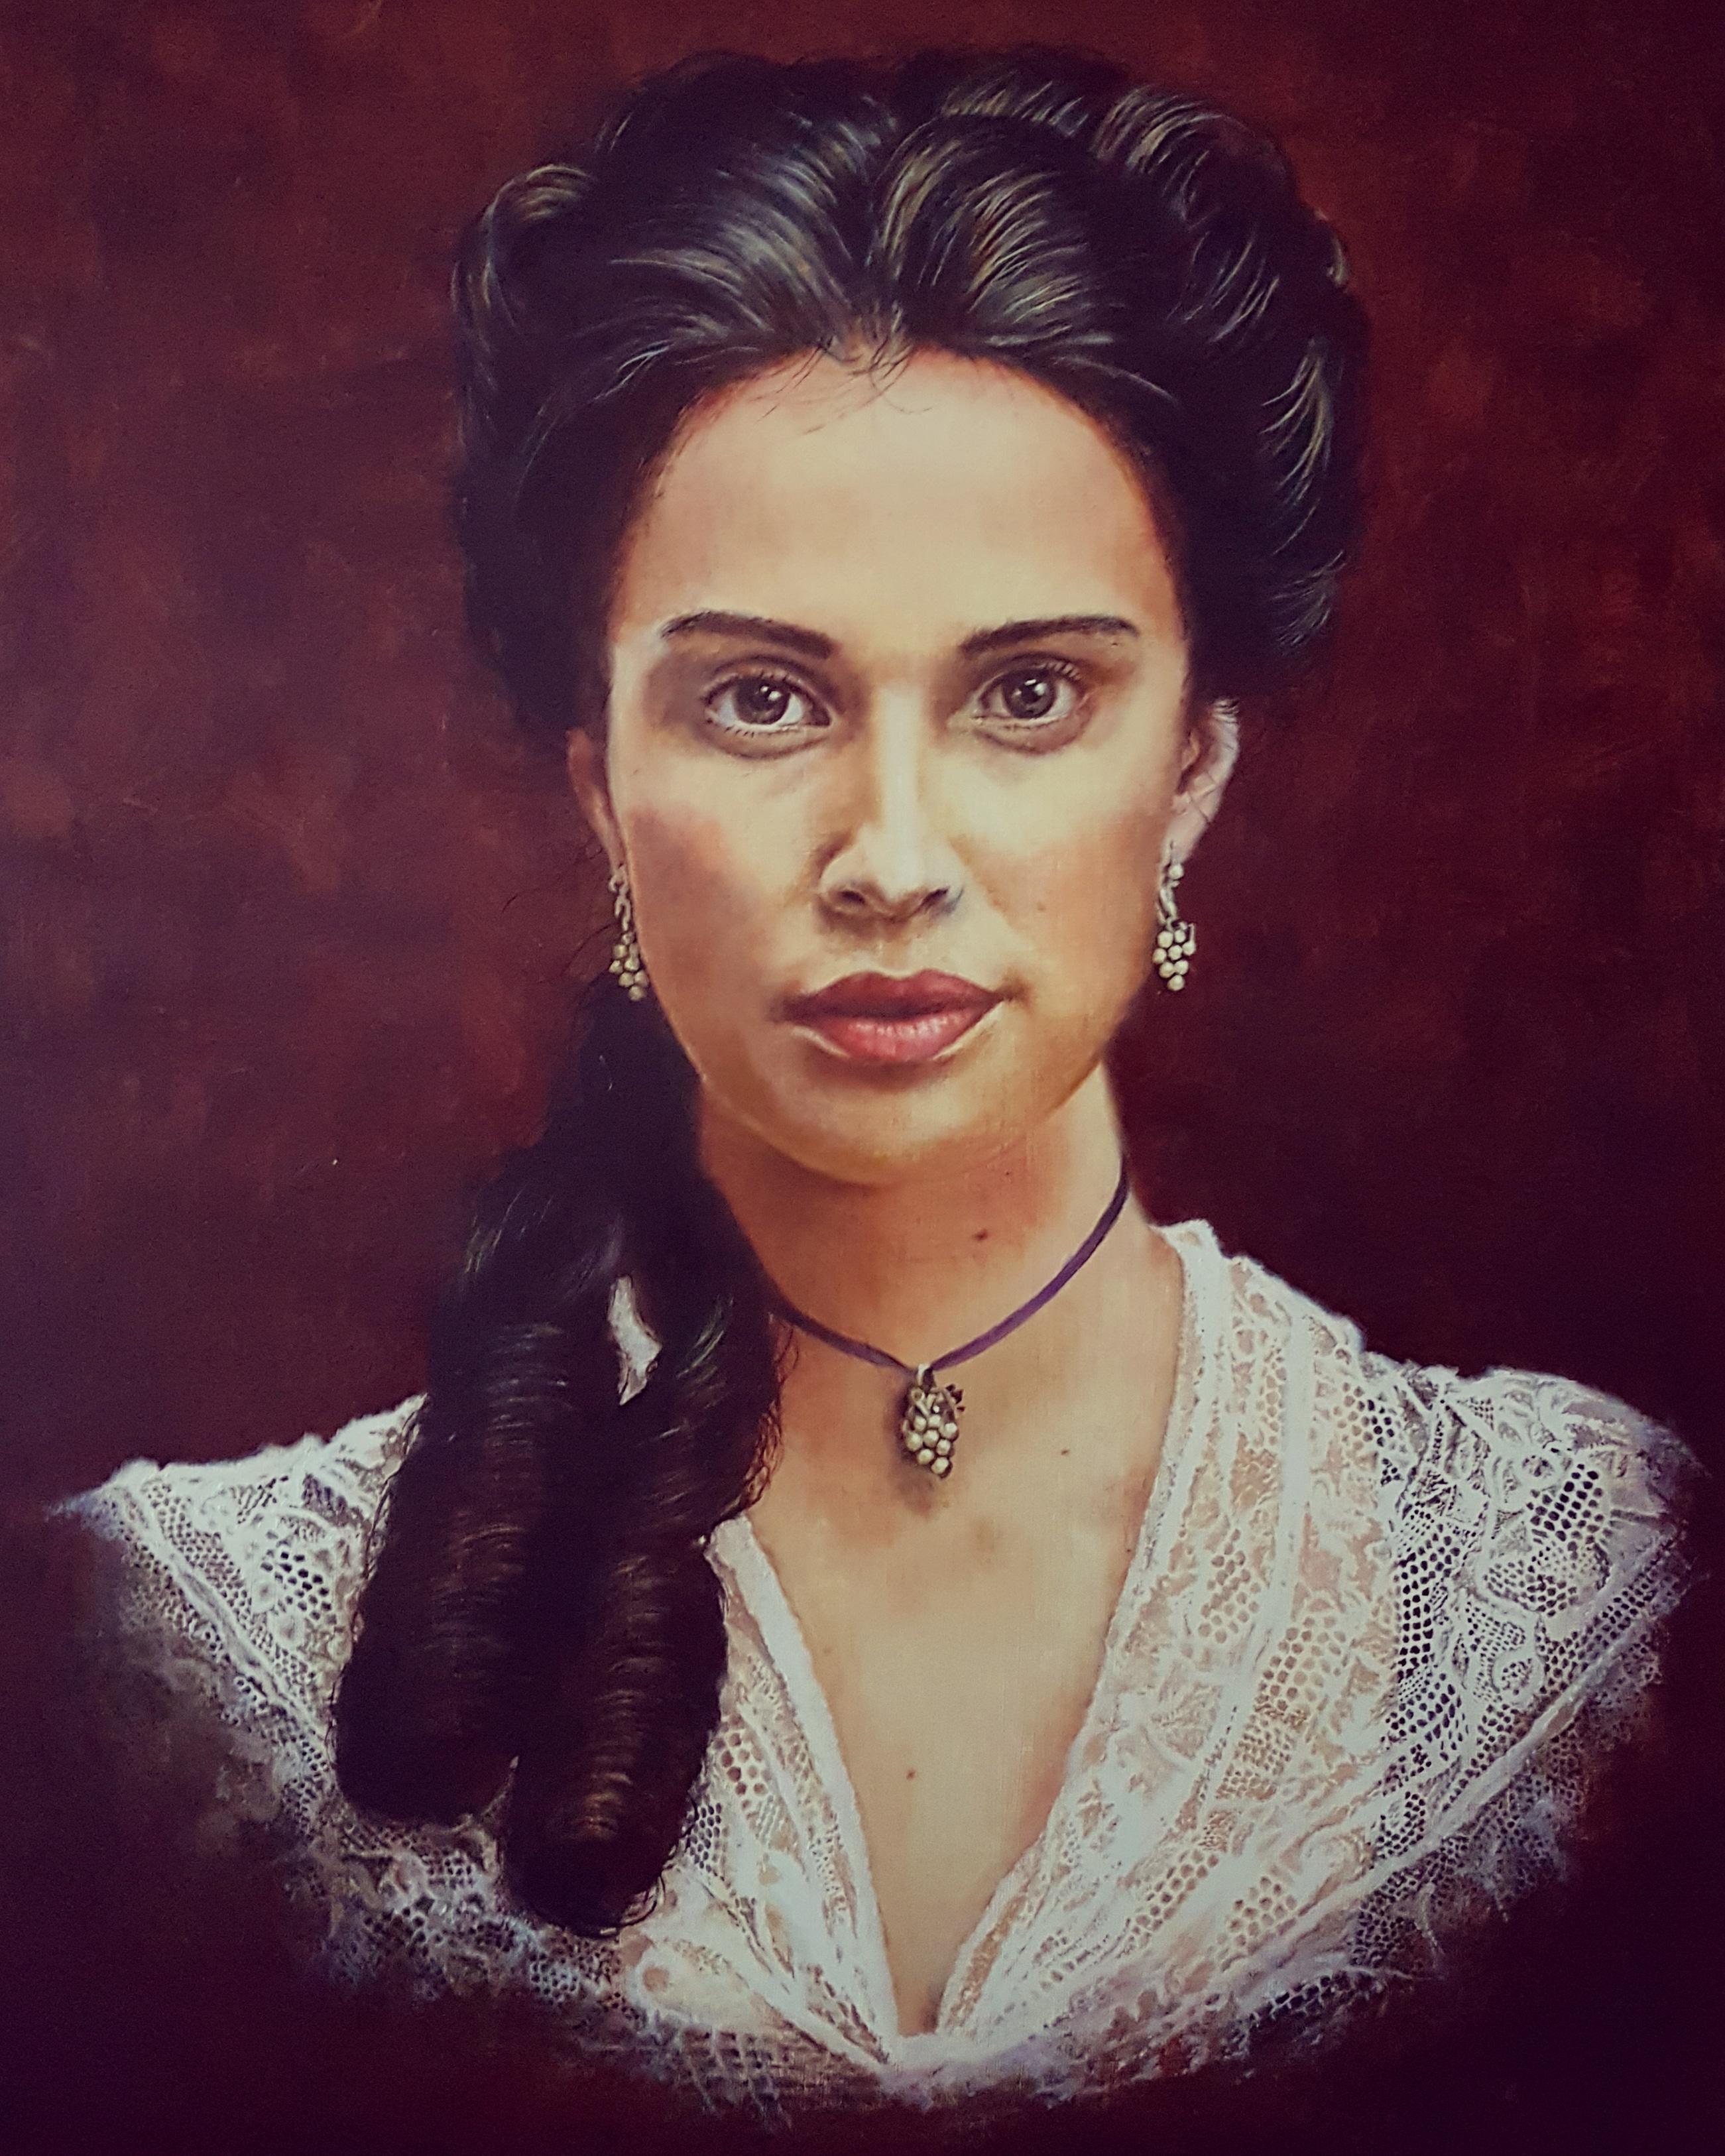 Heida Reed